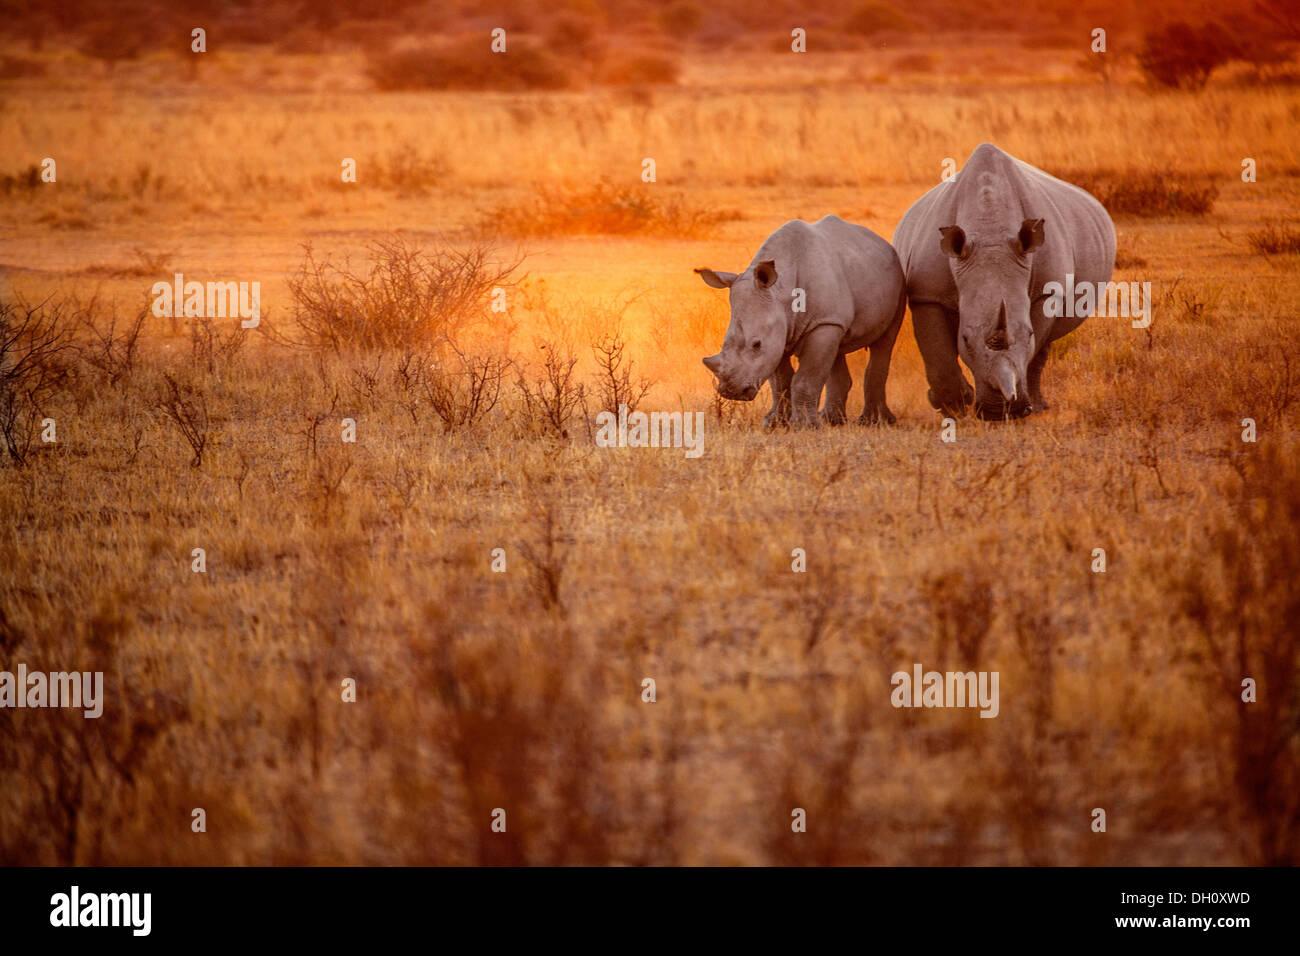 Rhinocéros dans un coucher de soleil Photo Stock